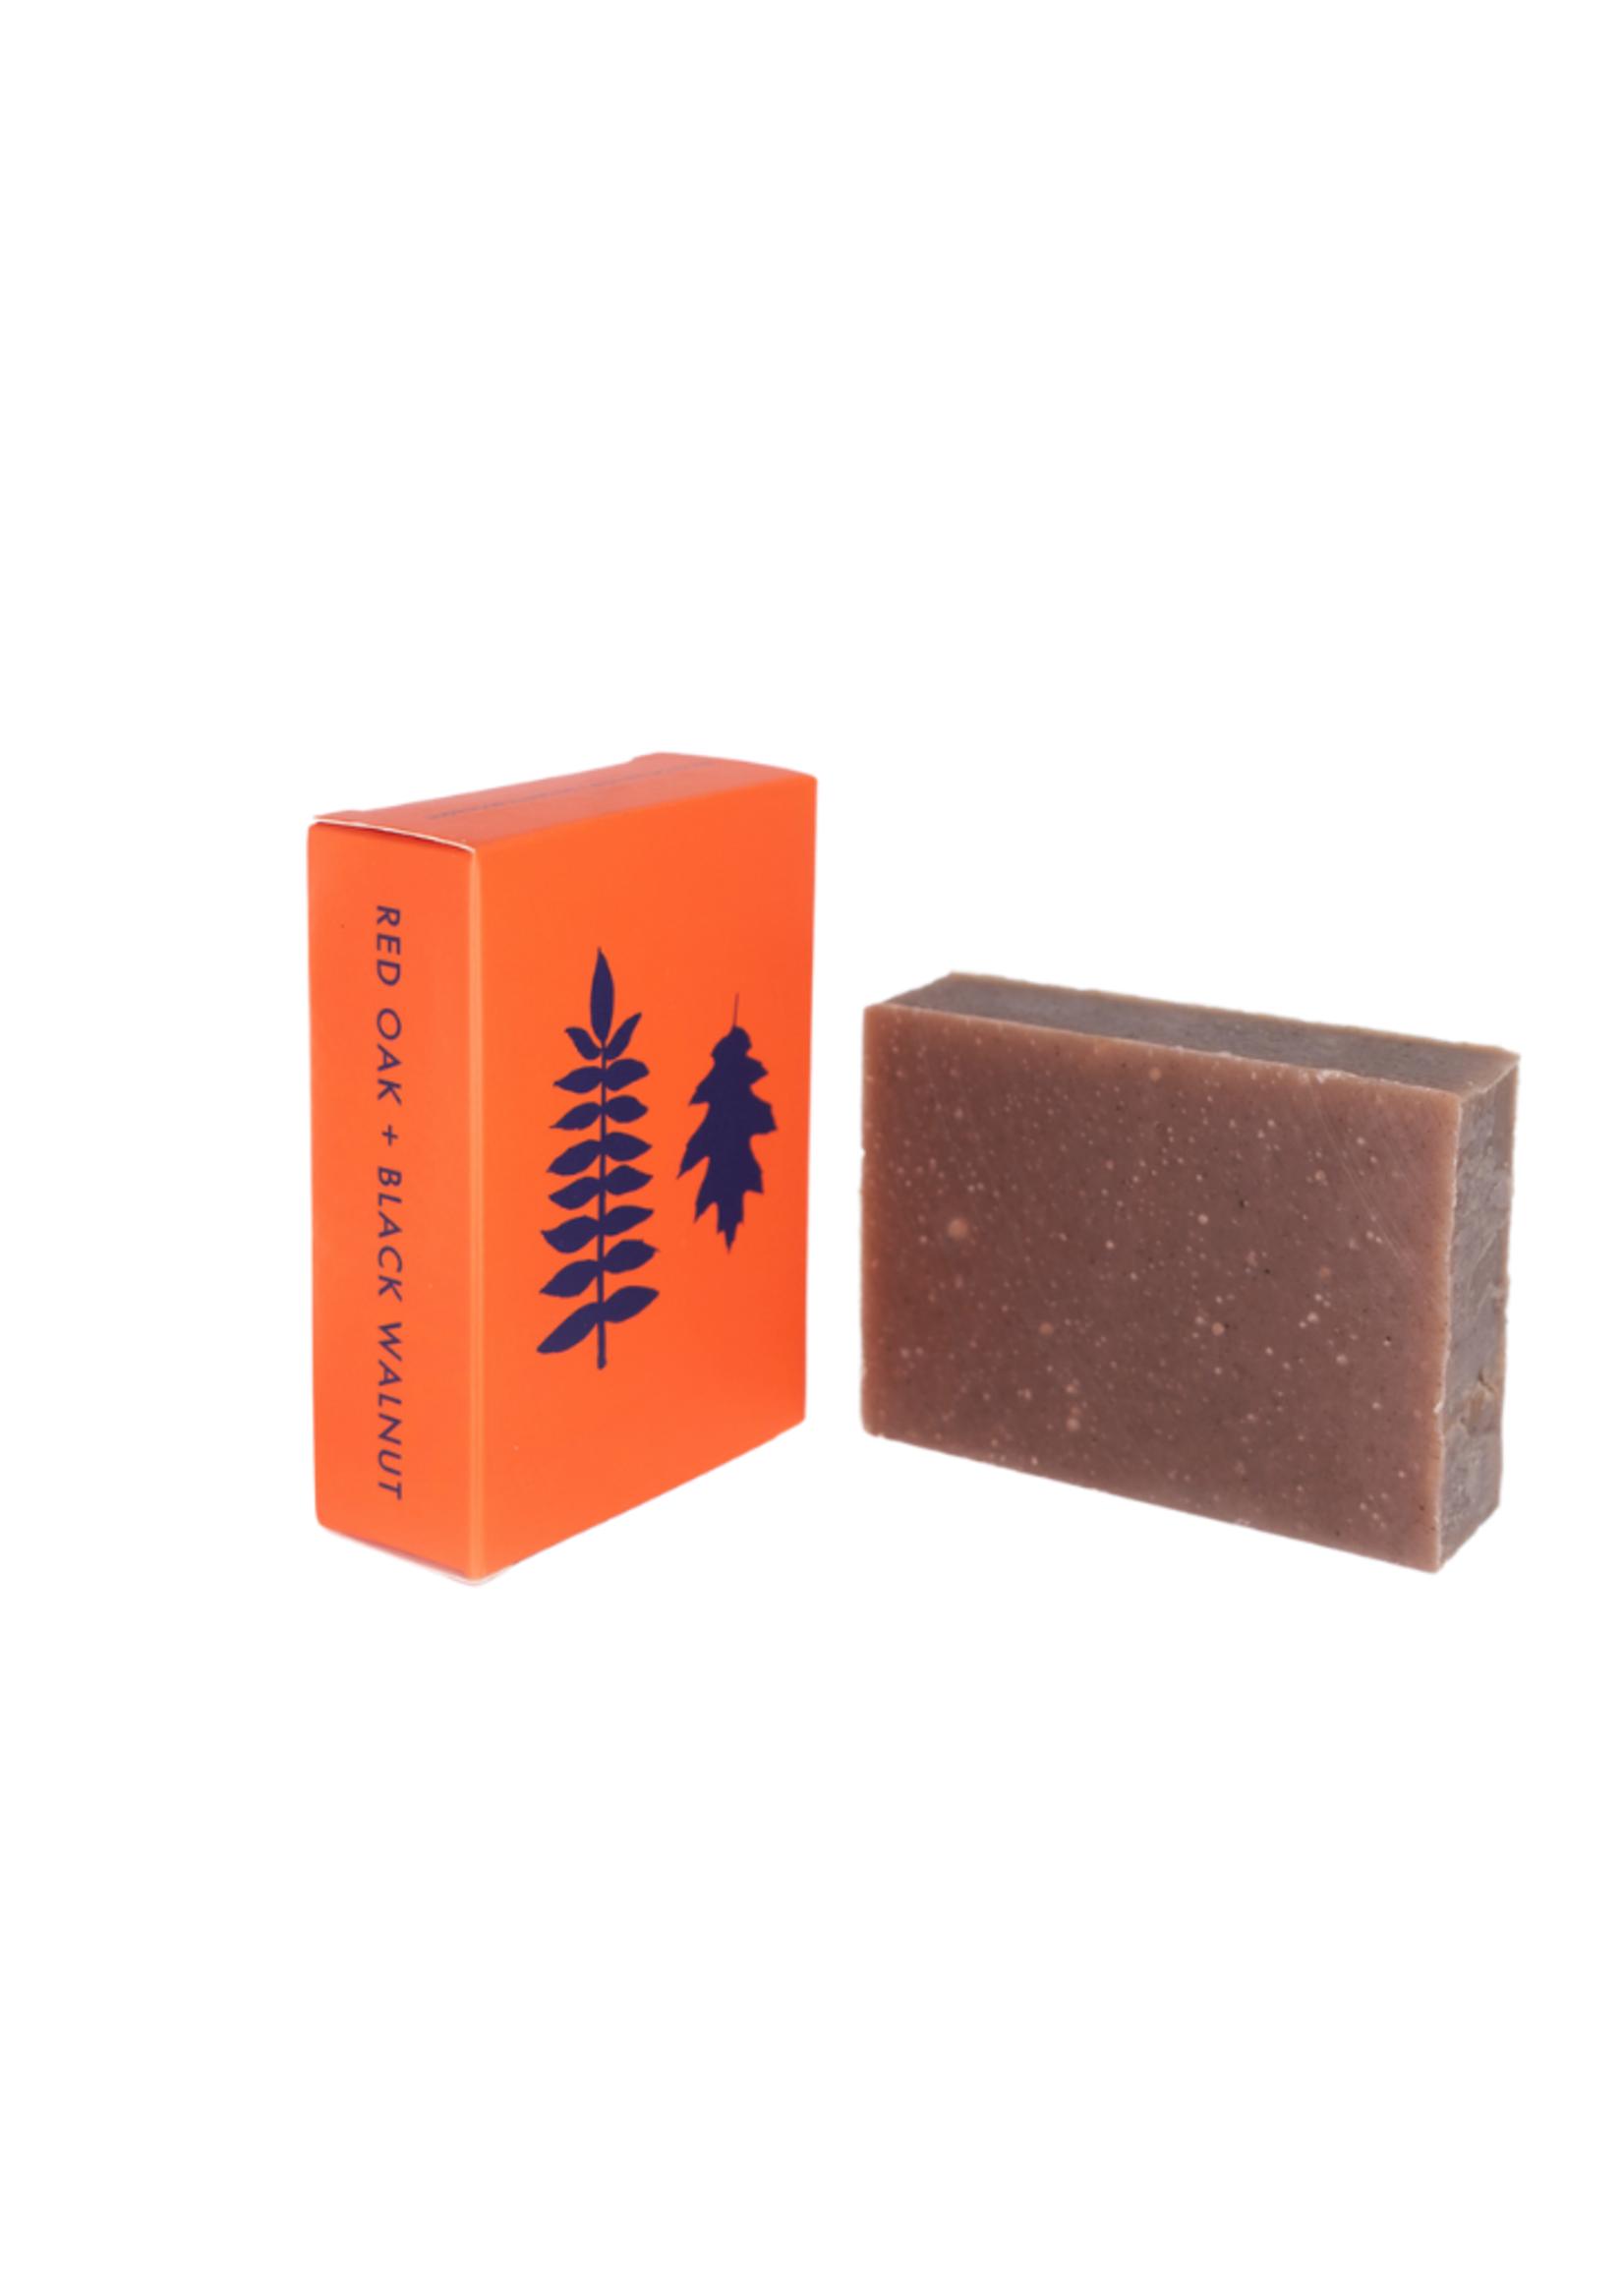 ALTR Red Oak & Black Walnut Soap